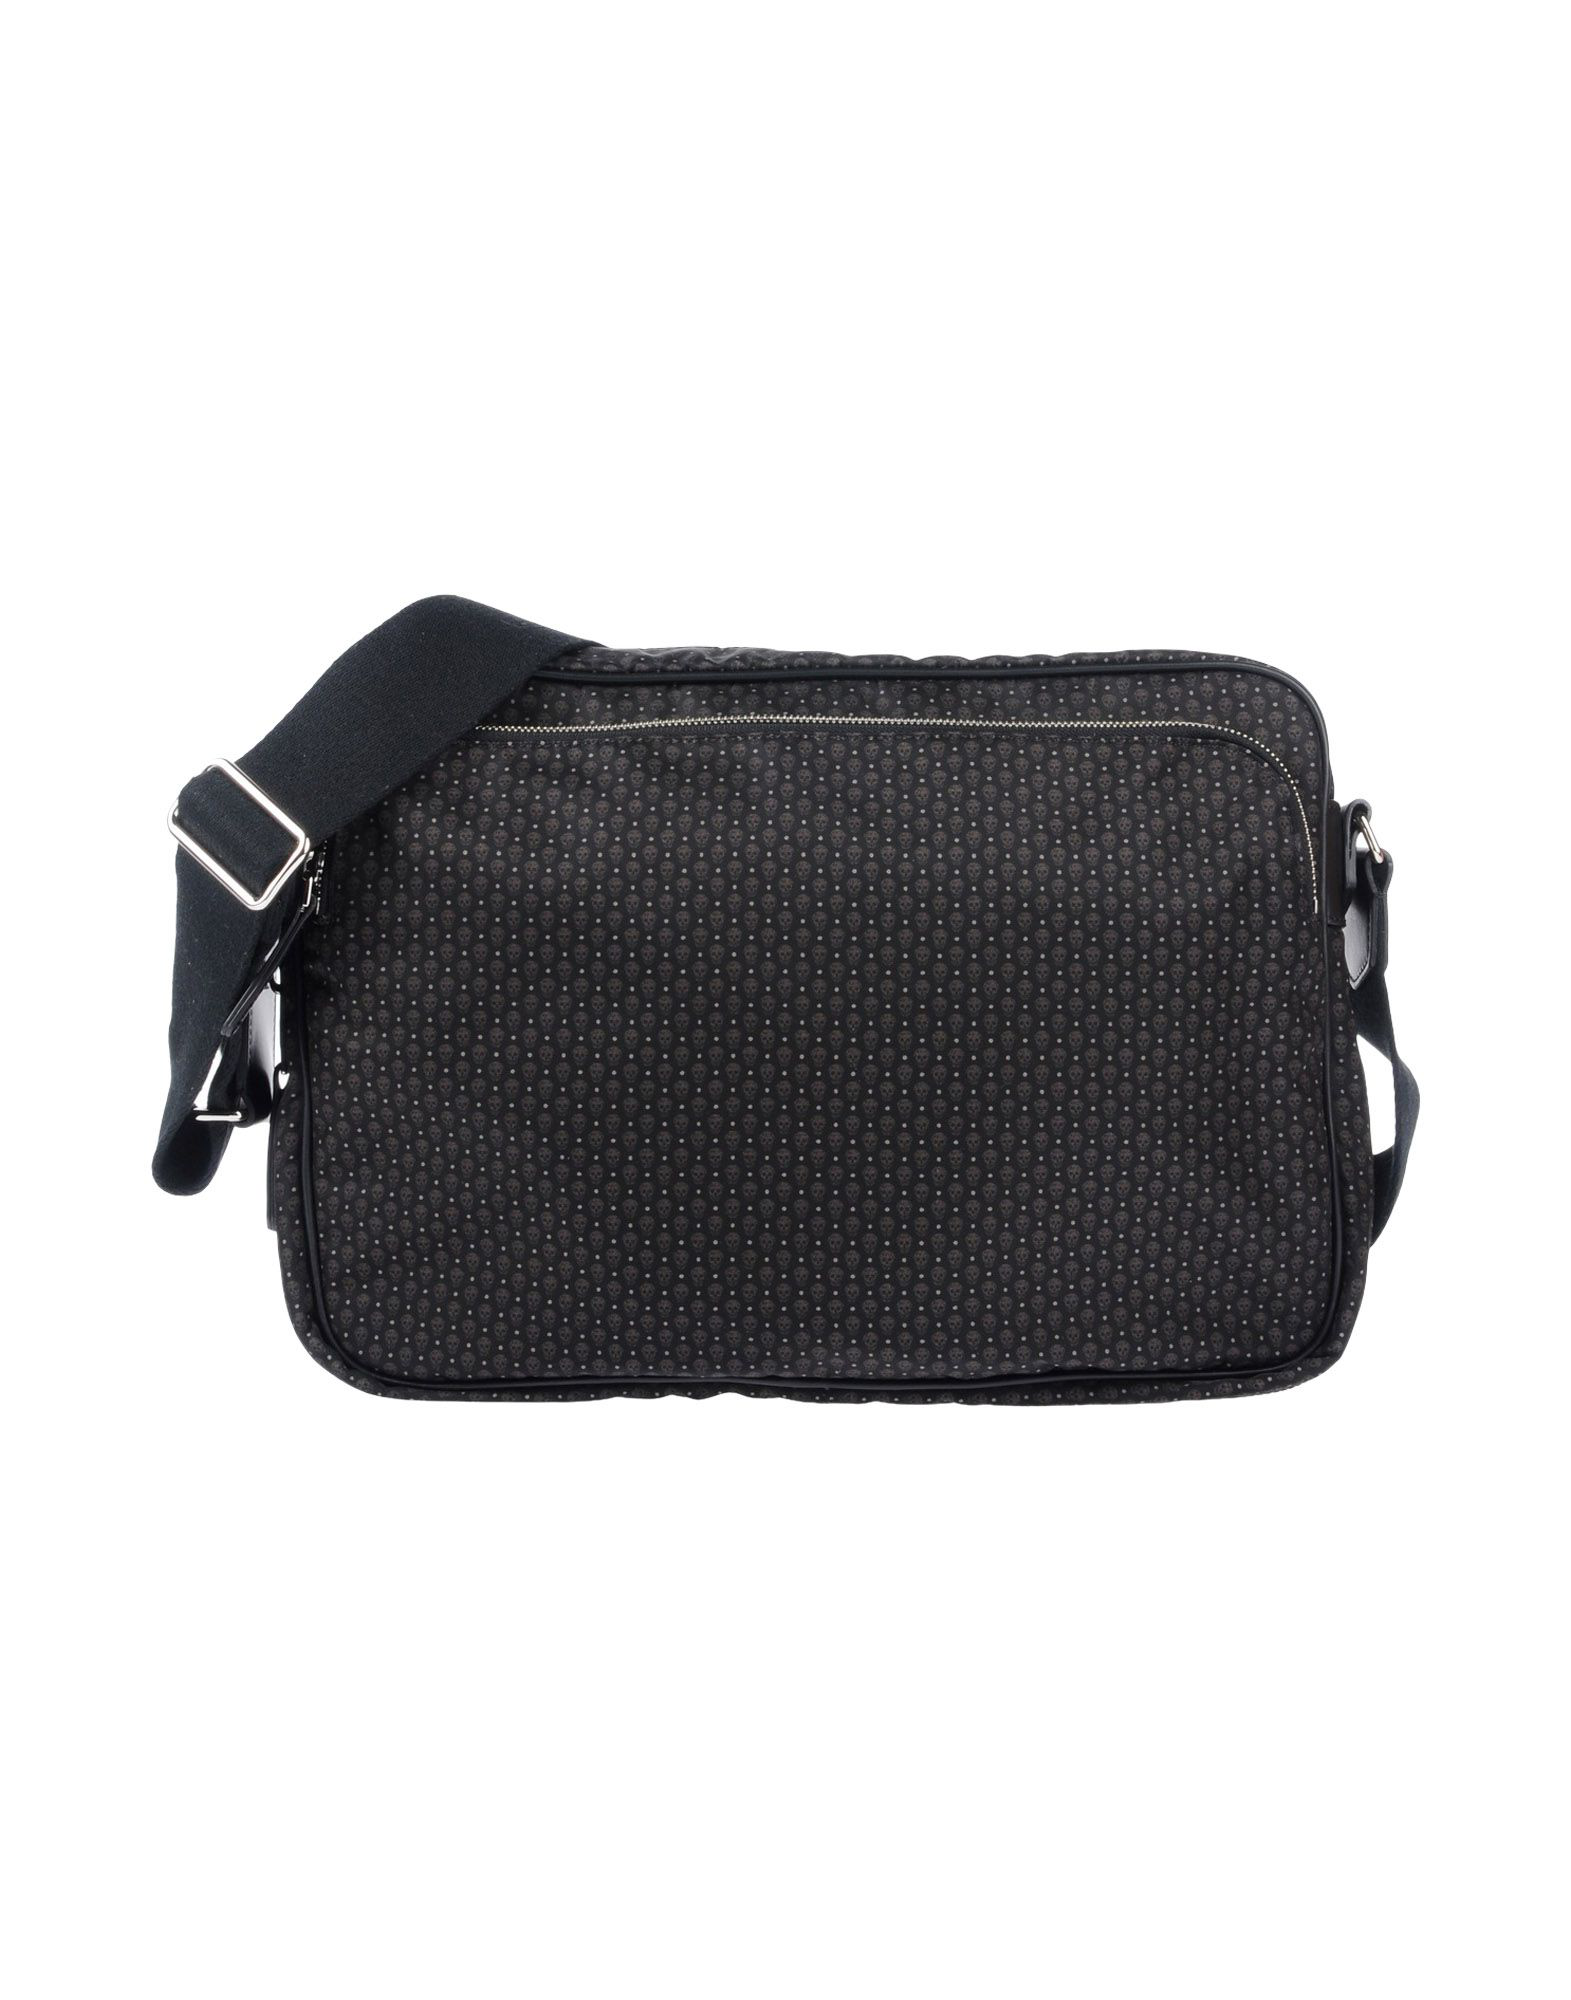 Alexander Mcqueen Handbags In Black | ModeSens